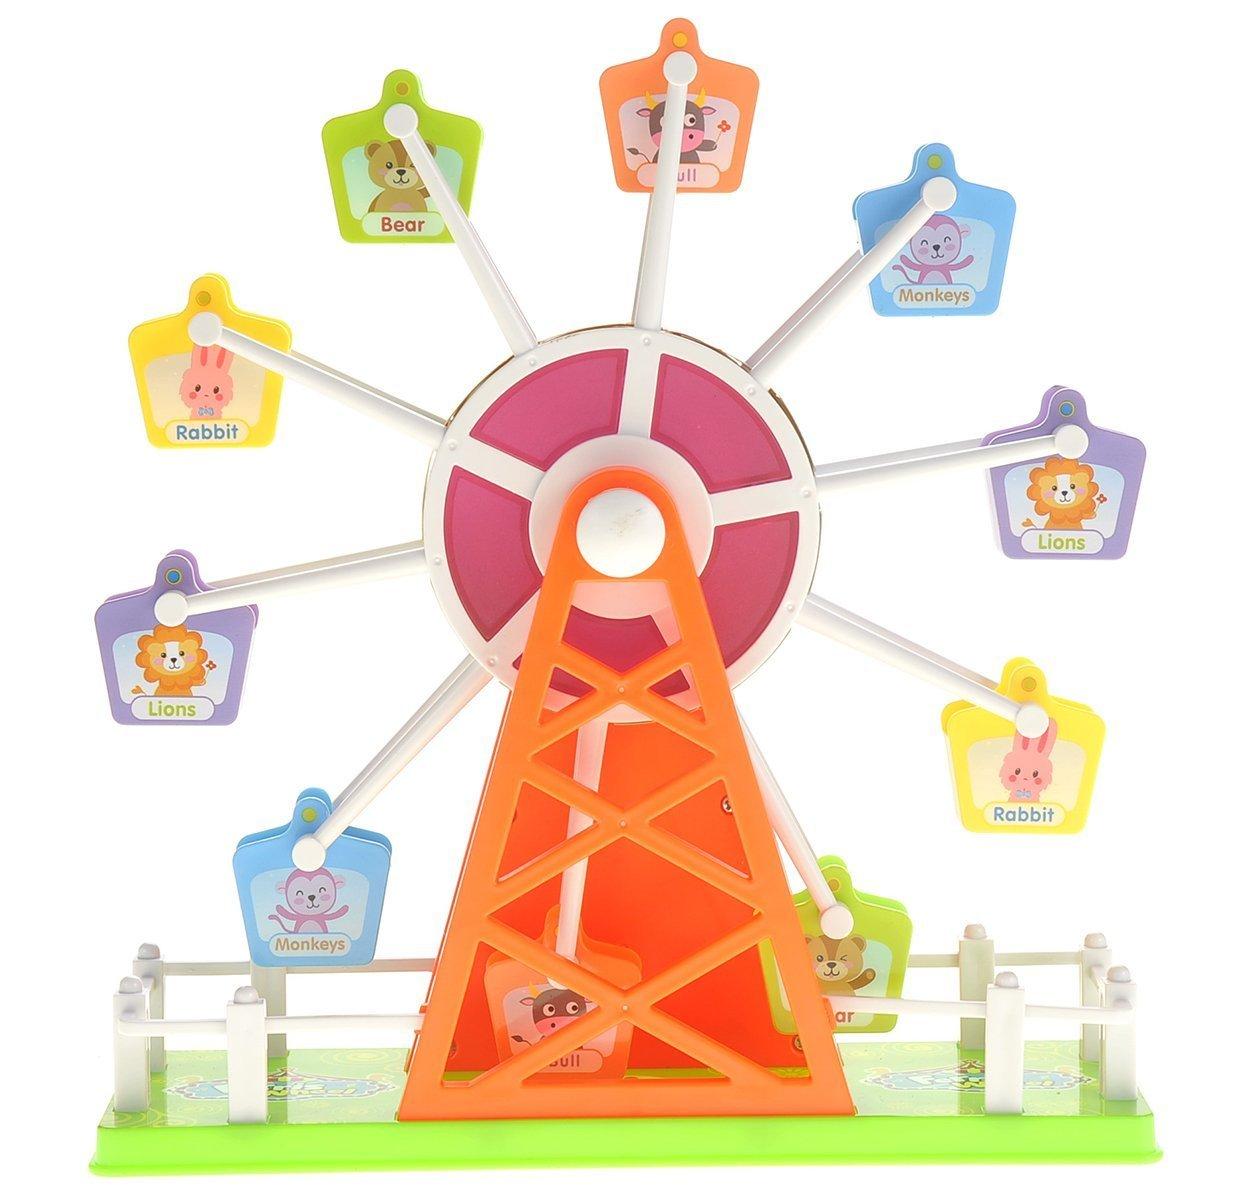 格安即決 AMPERSAND SHOPS Kids Fair Light-Up Music Ferris Wheel Toy with SHOPS Fair Music B072883GQM, 瀬戸田町:517db9ca --- arcego.dominiotemporario.com